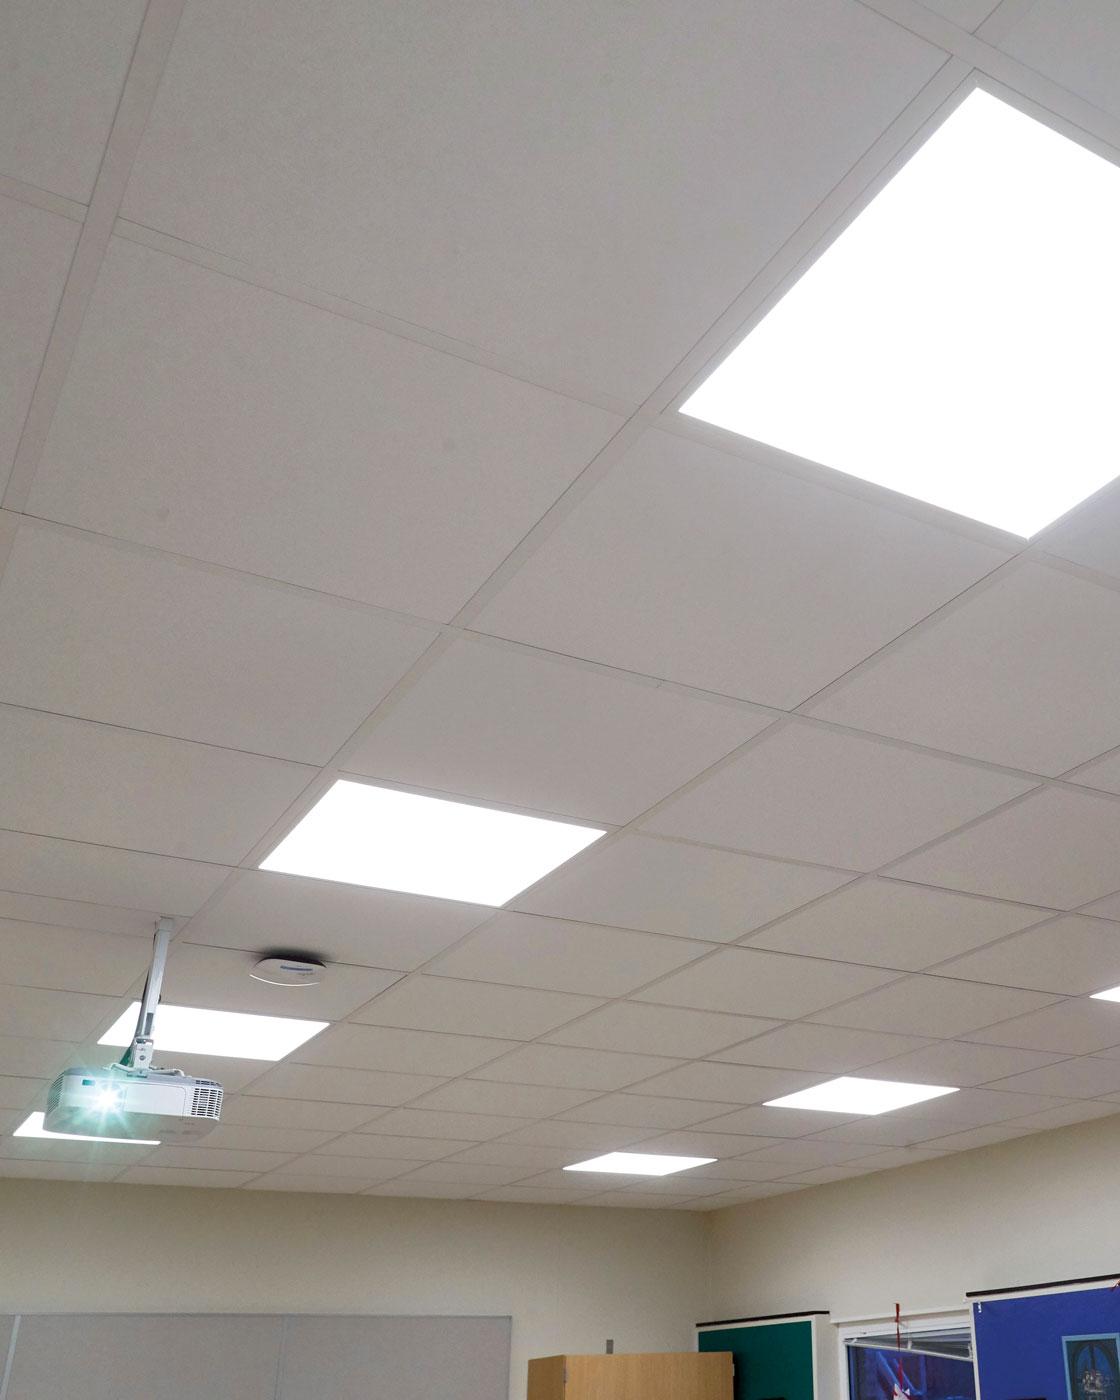 På Västervångskolan i Landskrona har man förbättrat ljudmiljön i klassrummen med hjälp av ljudabsorberande plattor i taket. Led-plattorna ger också ett  jämnare ljus.